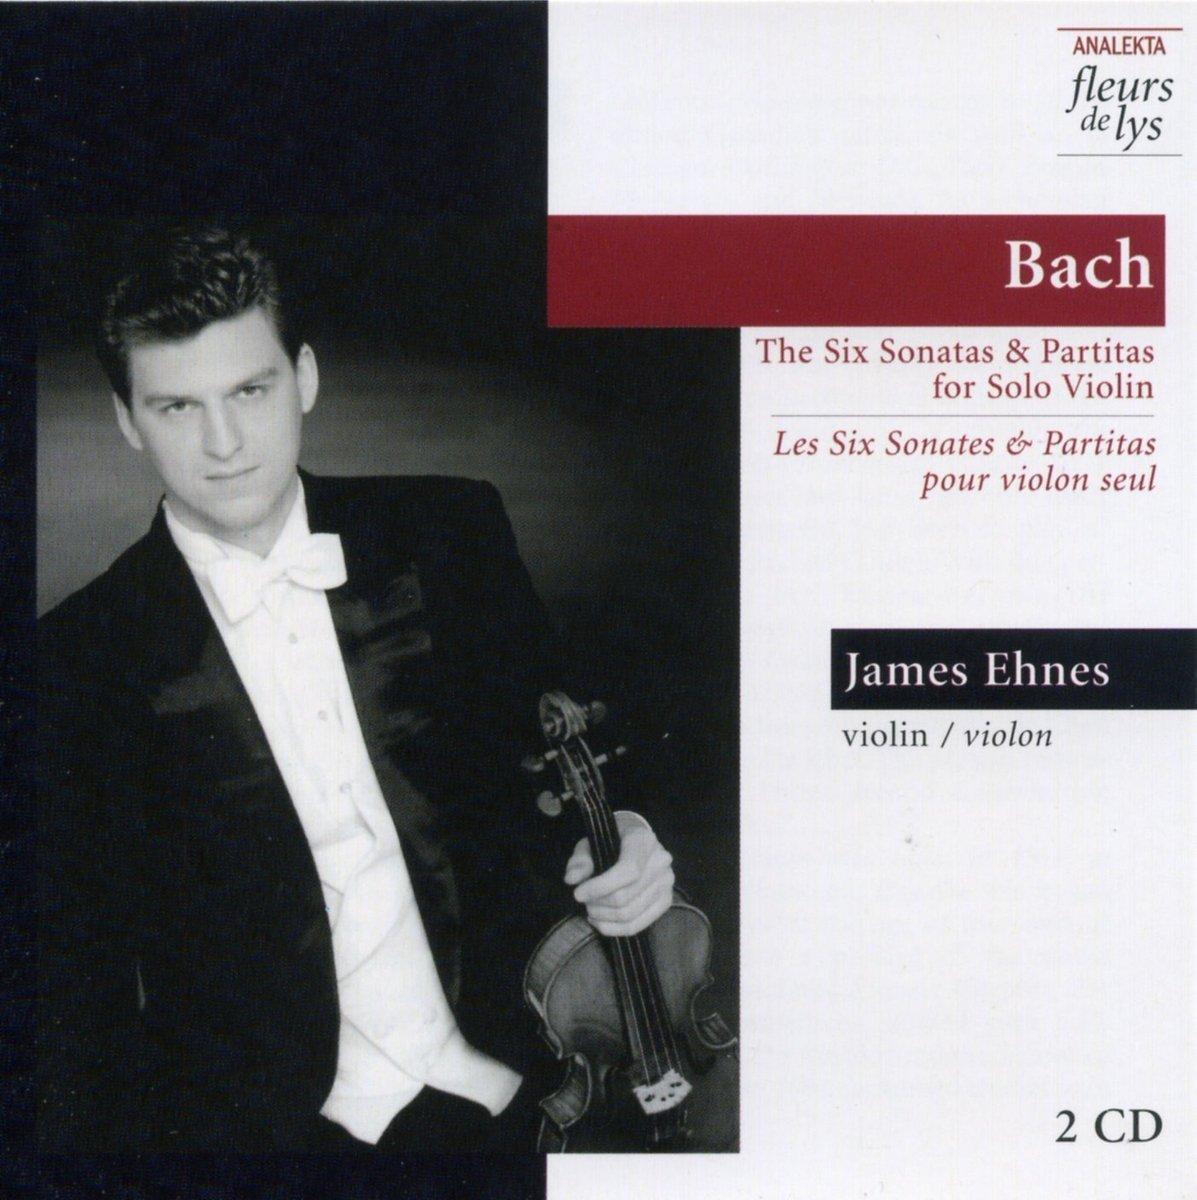 Bach - Sonates et partitas pour violon seul - Page 8 71o%2Bfth9FtL._SL1200_